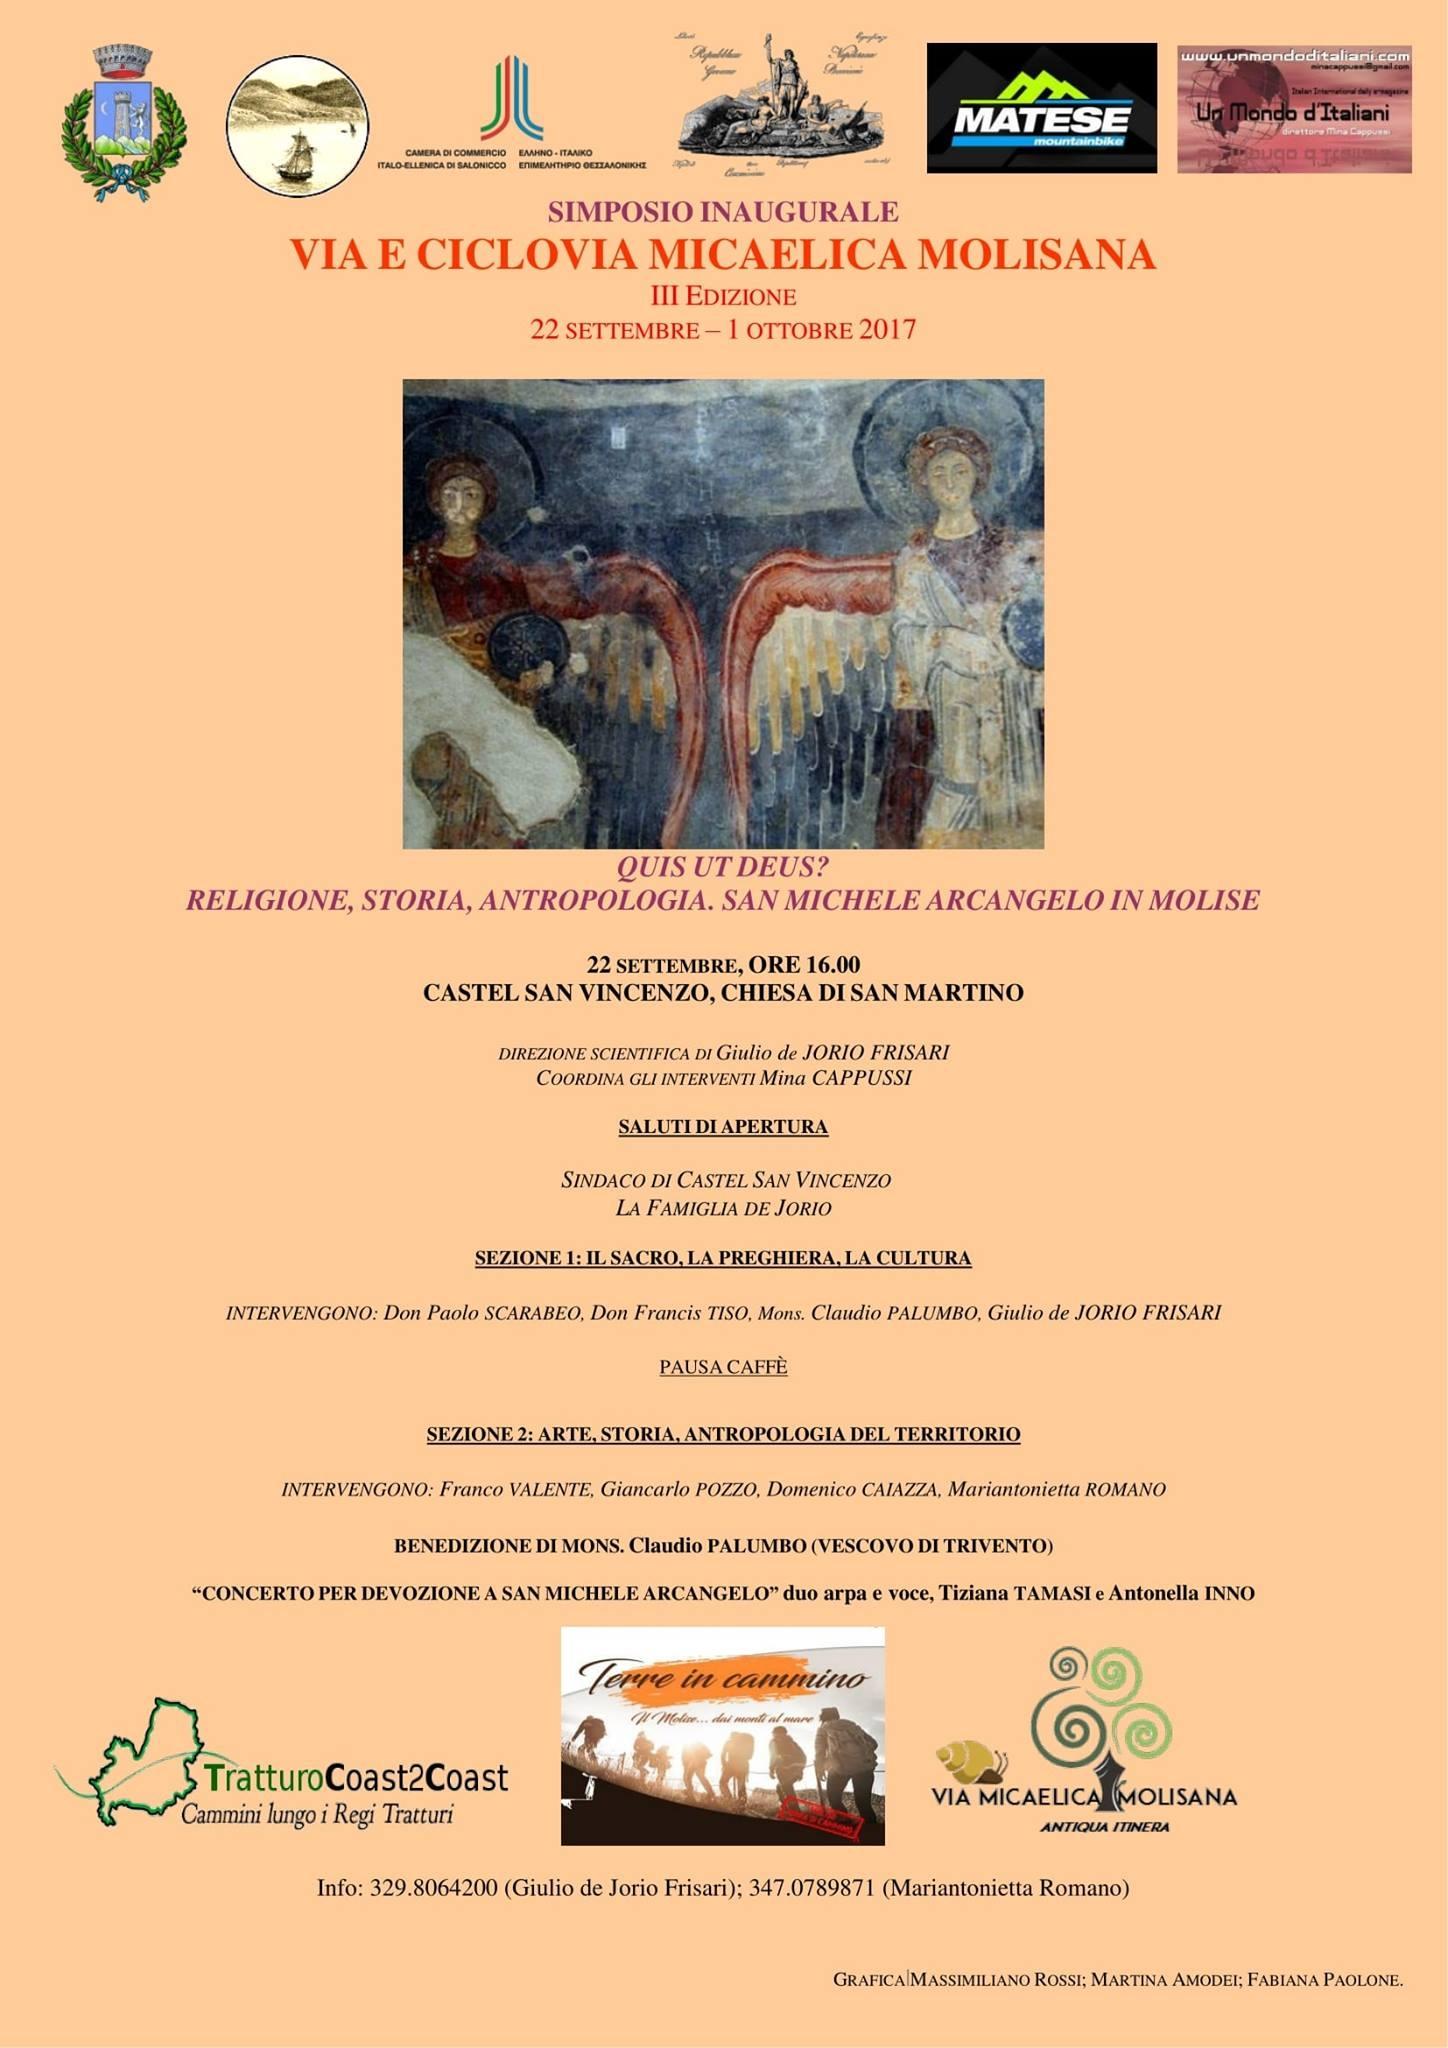 LOCANDINA-CONVEGNO_VIA-MICAELICA-22-settembre-17